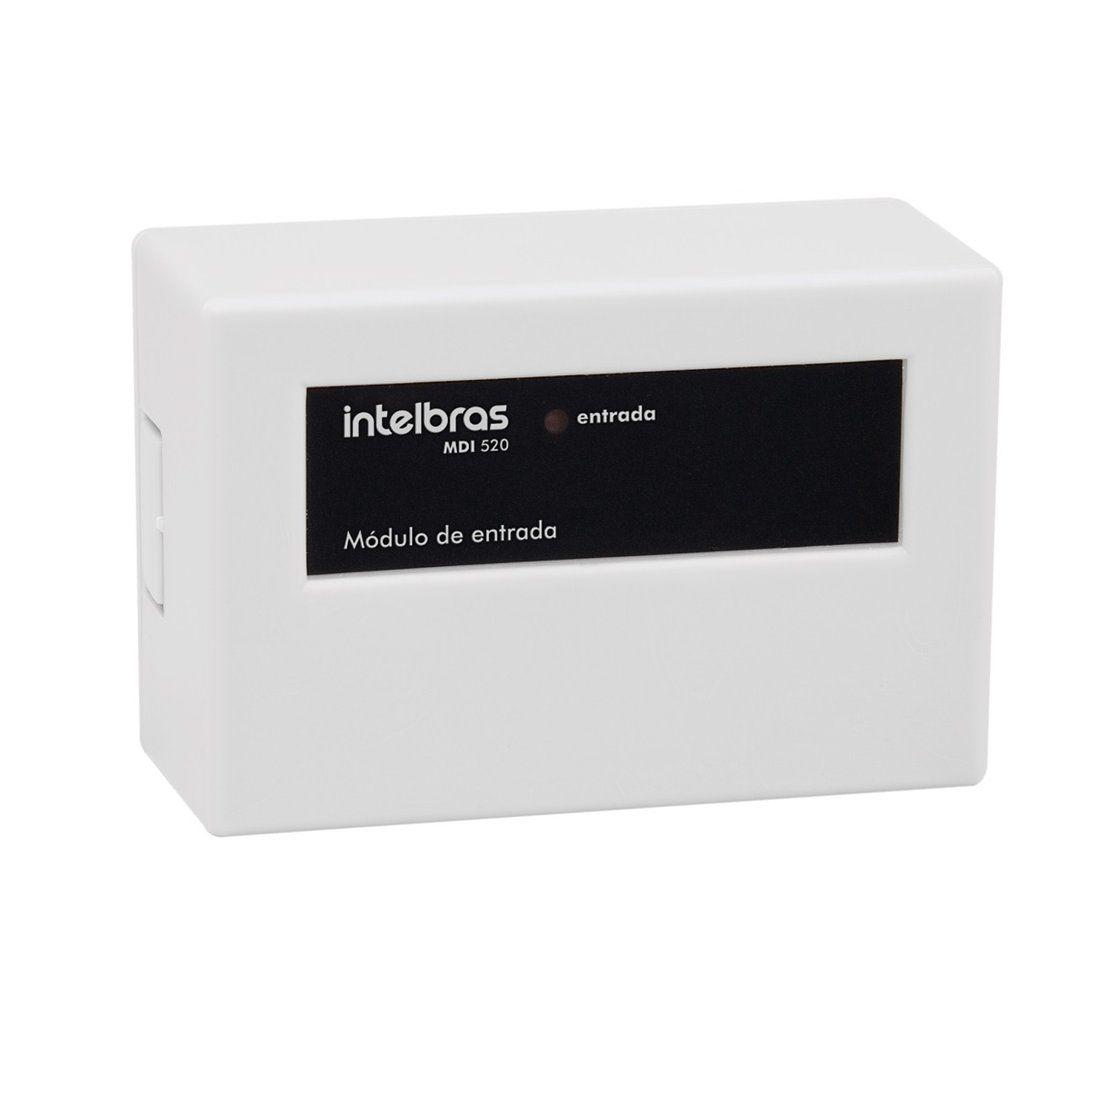 Módulo de Entrada Intelbras MDI 520